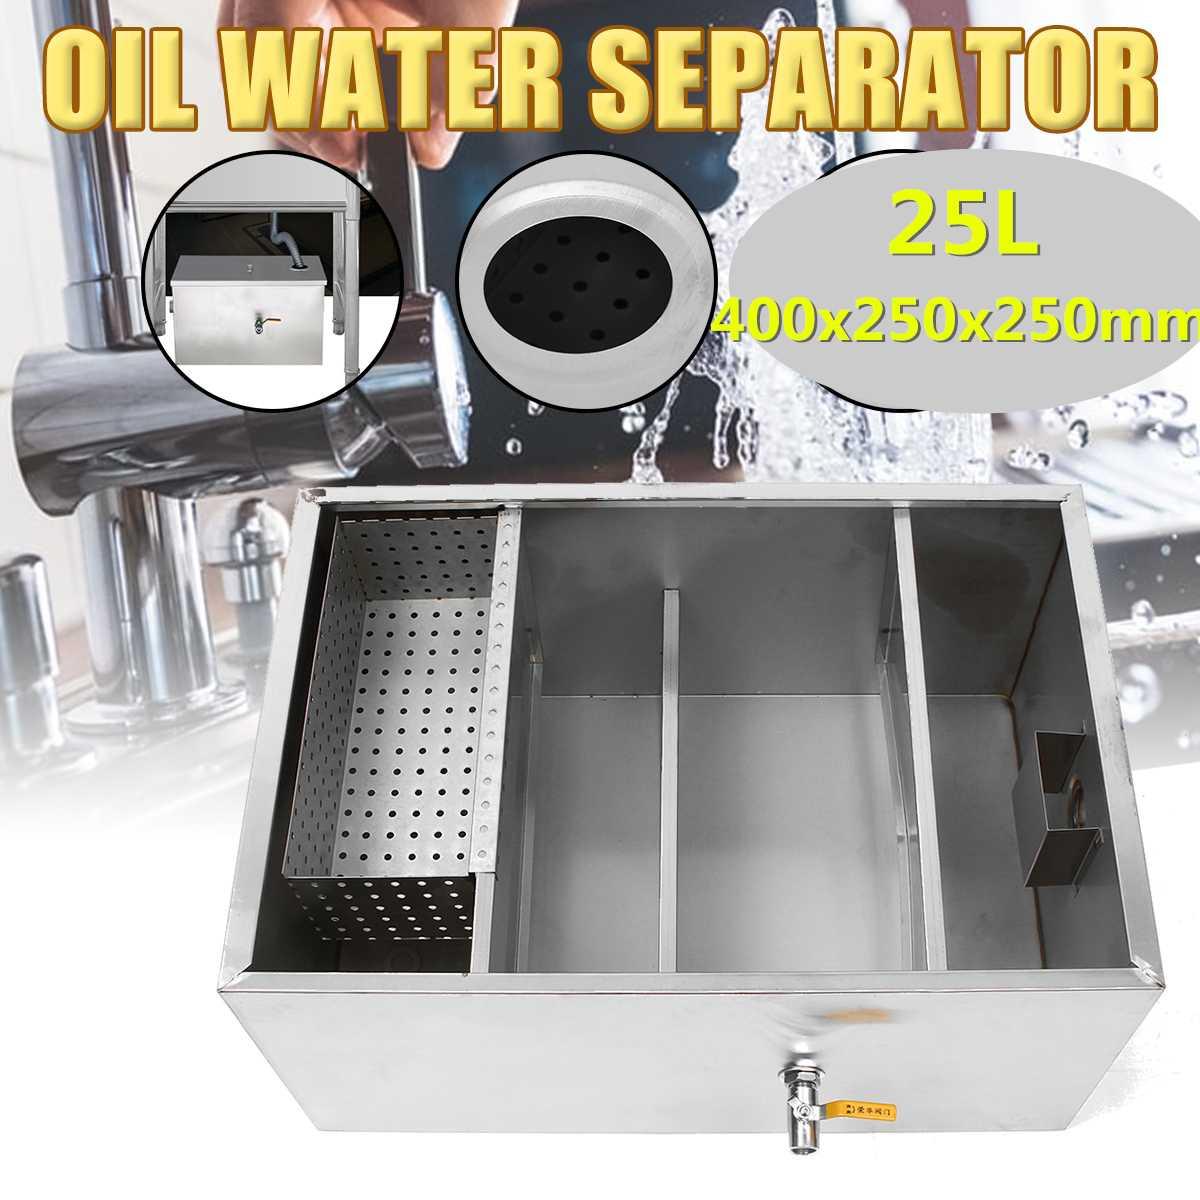 400*250*250mm Stainless Steel Grease Trap Interceptor Kitchen Wastewater Oil Separator Restaurant Heavy Duty Wastewater Treatmen